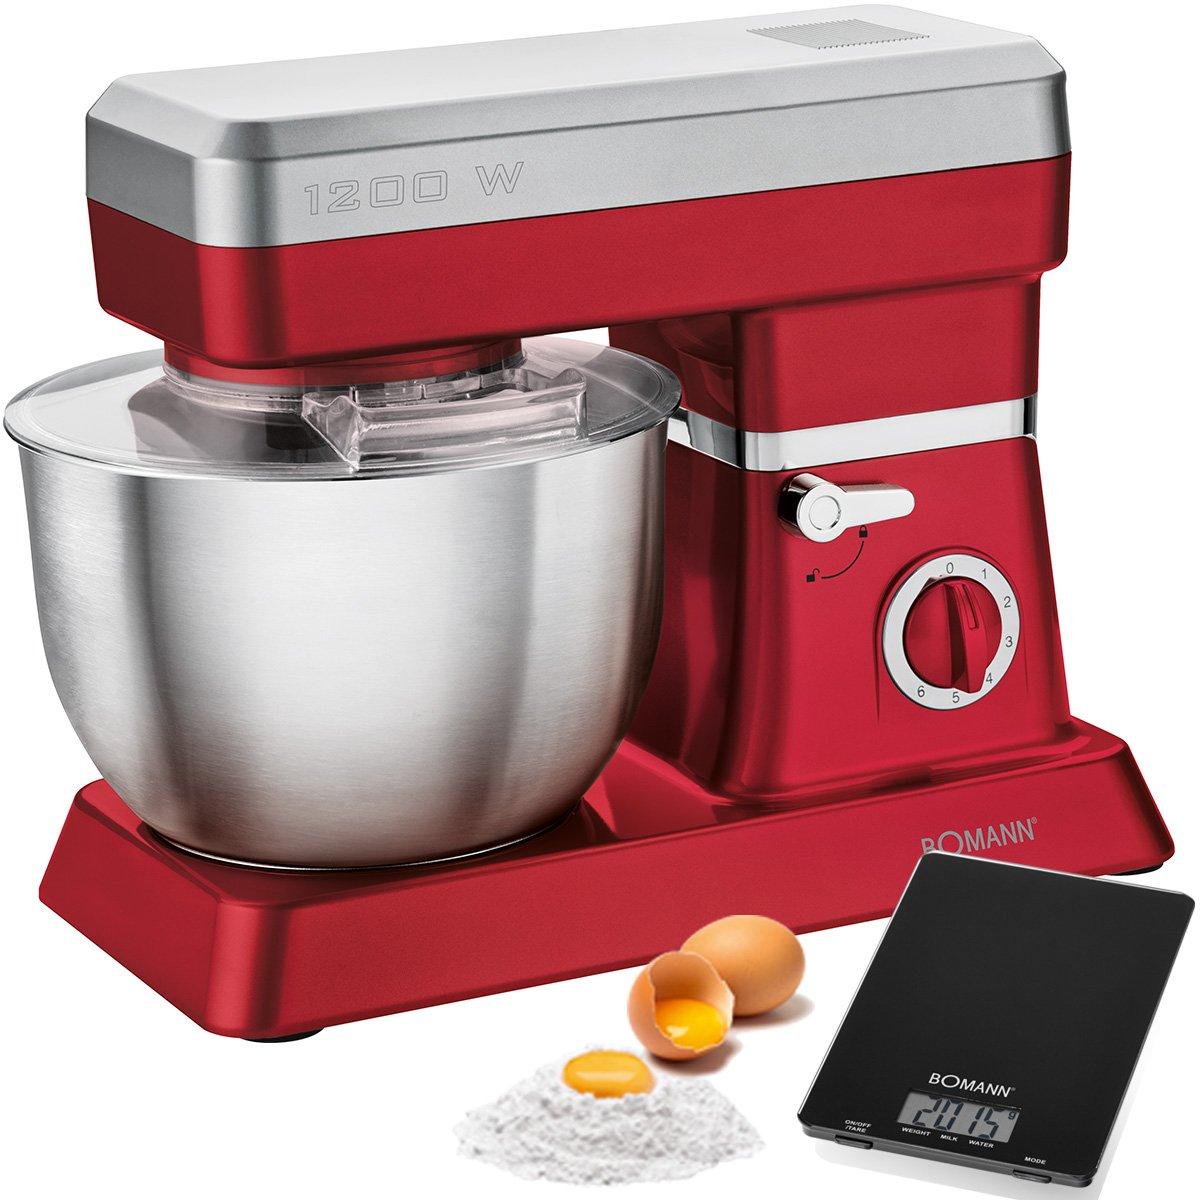 Bomann KM 398 - Batidora amasadora repostería capacidad de 6,3 litros, 8 velocidades, 1200 W color rojo + báscula cocina: Amazon.es: Hogar